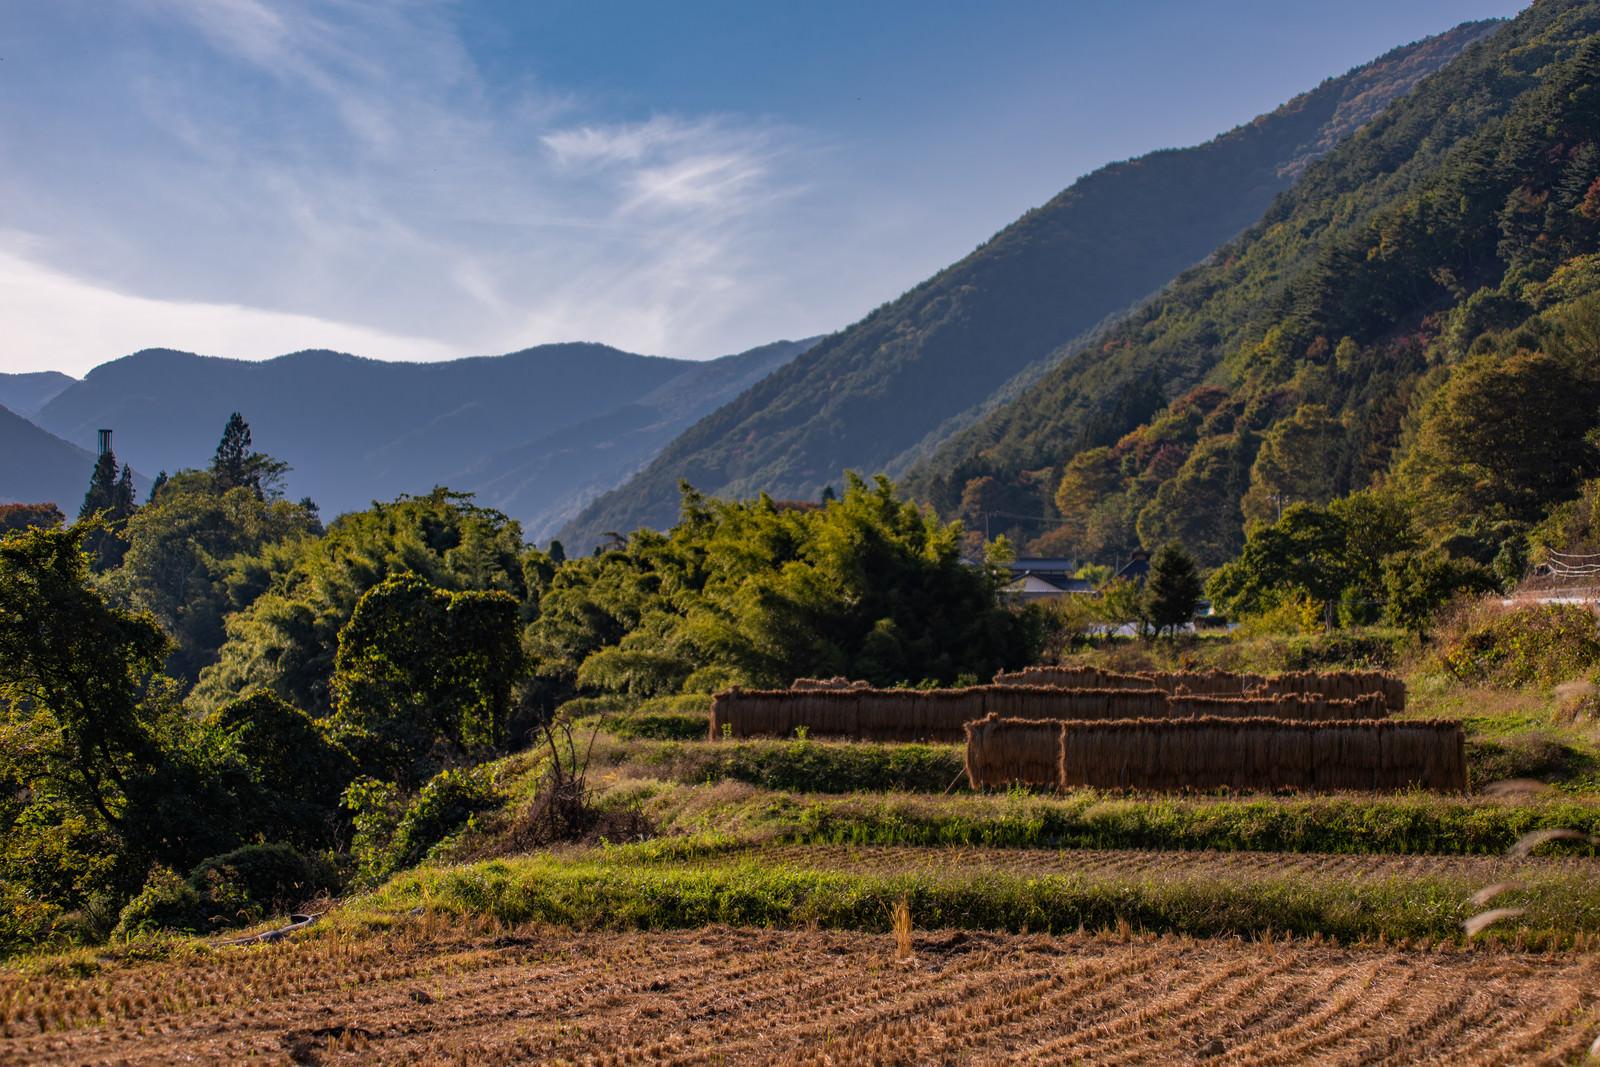 「稲刈り後の田んぼとはぜかけ米」の写真